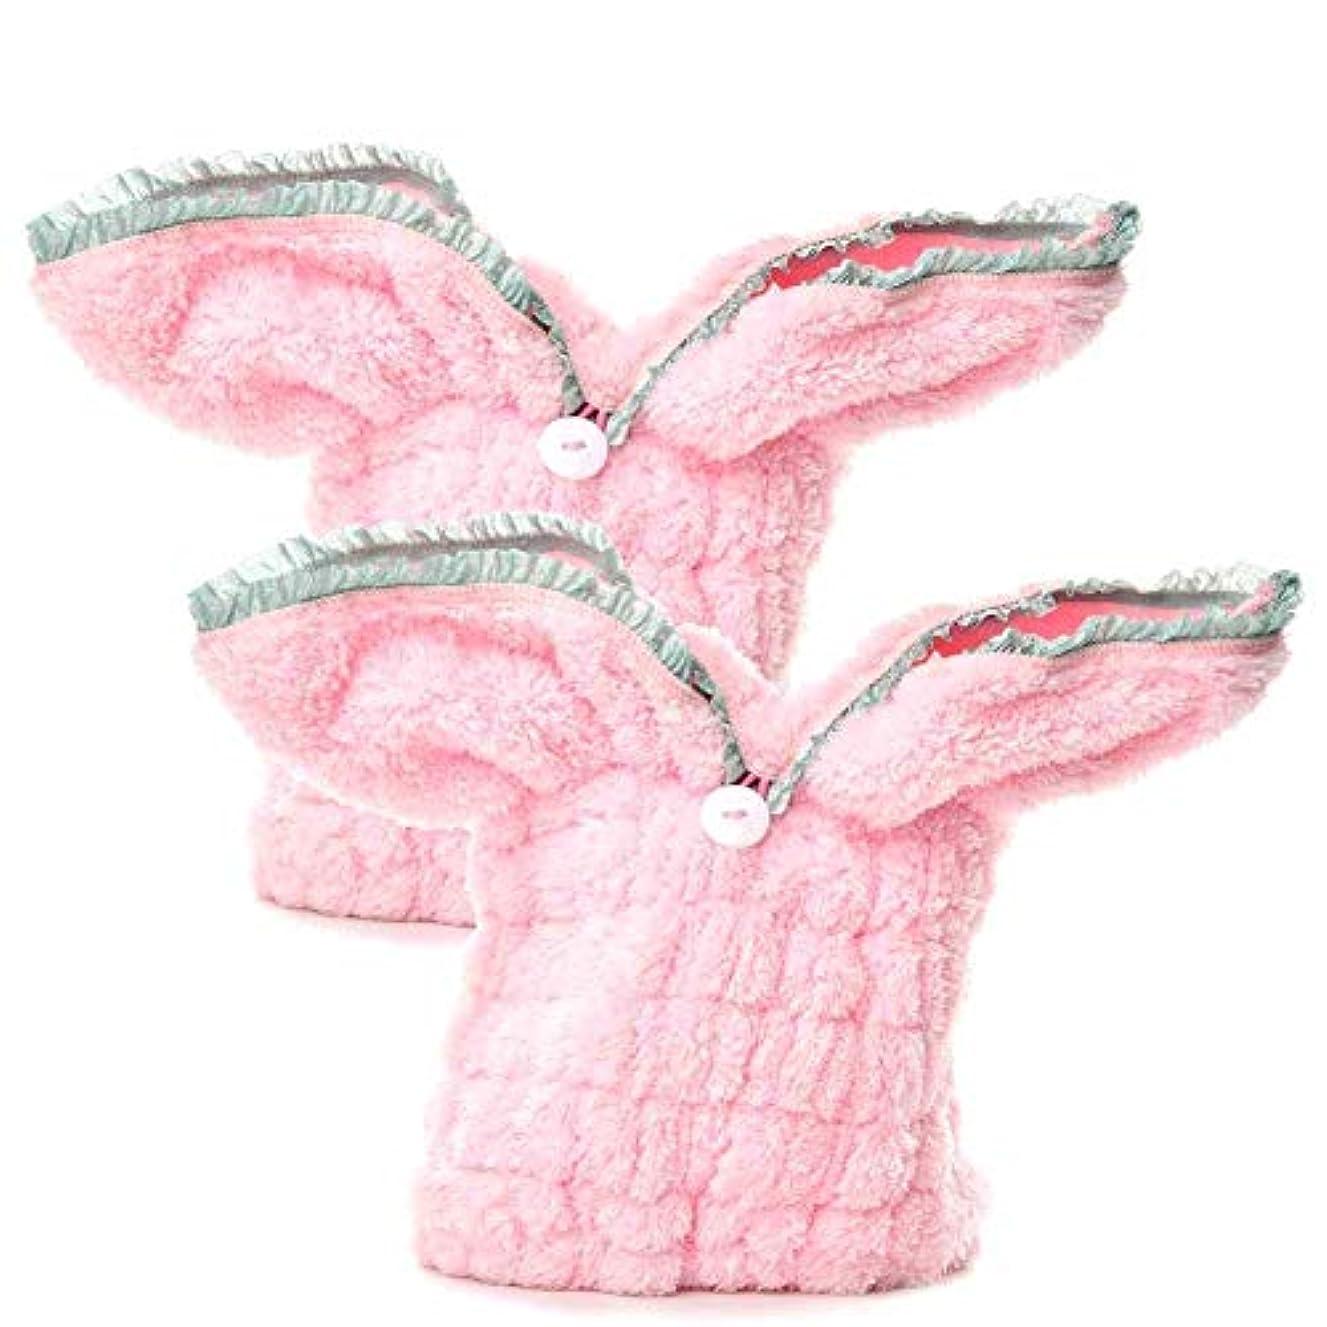 繊維厳しいフレットドライキャップ うさみみ うさぎ キッズ 2個 セット ヘア ドライ キャップ タオル ヘアドライ 子供 女の子 女性 ガールズ ふんわりうさぎ 耳 可愛い かわいい ピンク 髪を乾かす 速乾性 [rinda]